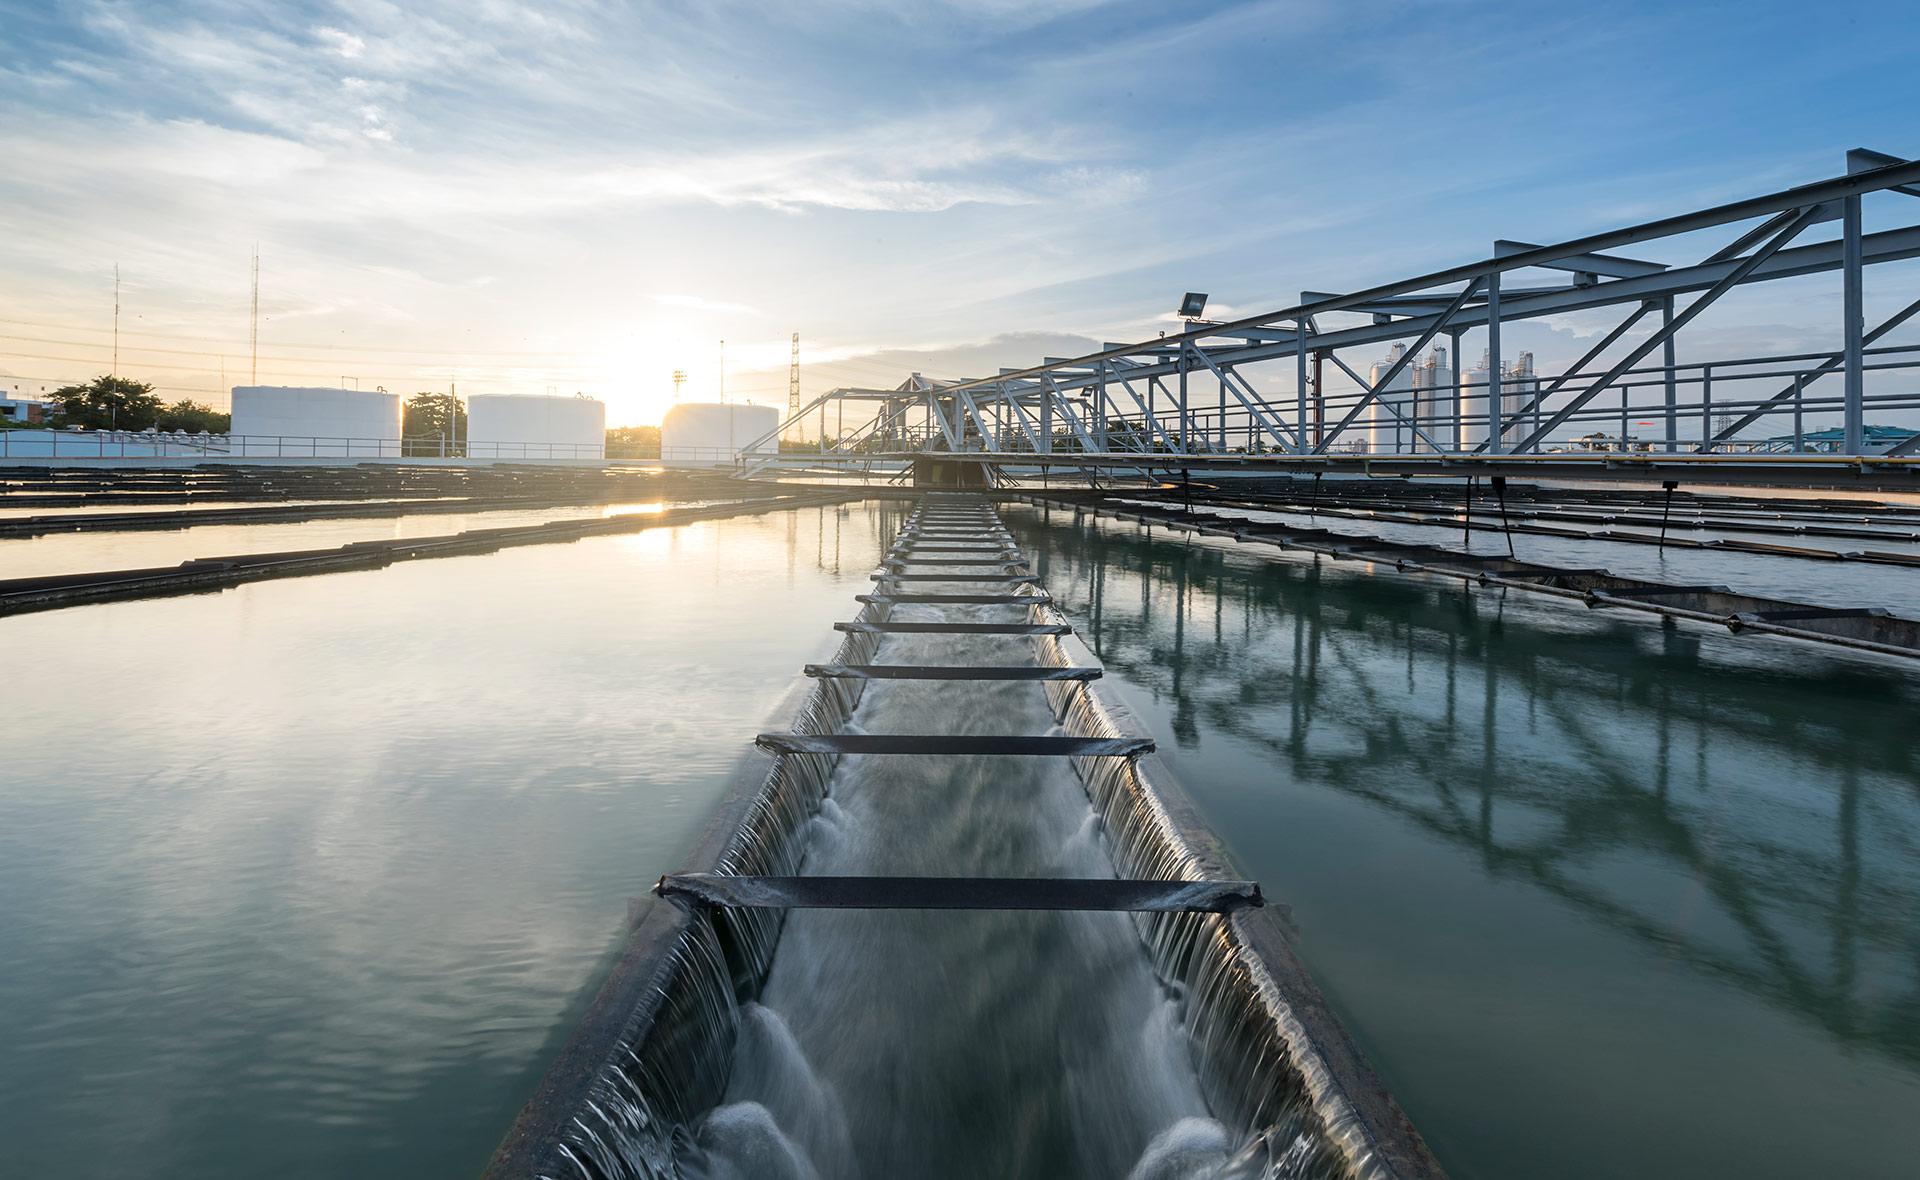 BBVA-agua-potable-proceso-potabilizacion-sostenibilidad-contaminacion-prevencion-aguas